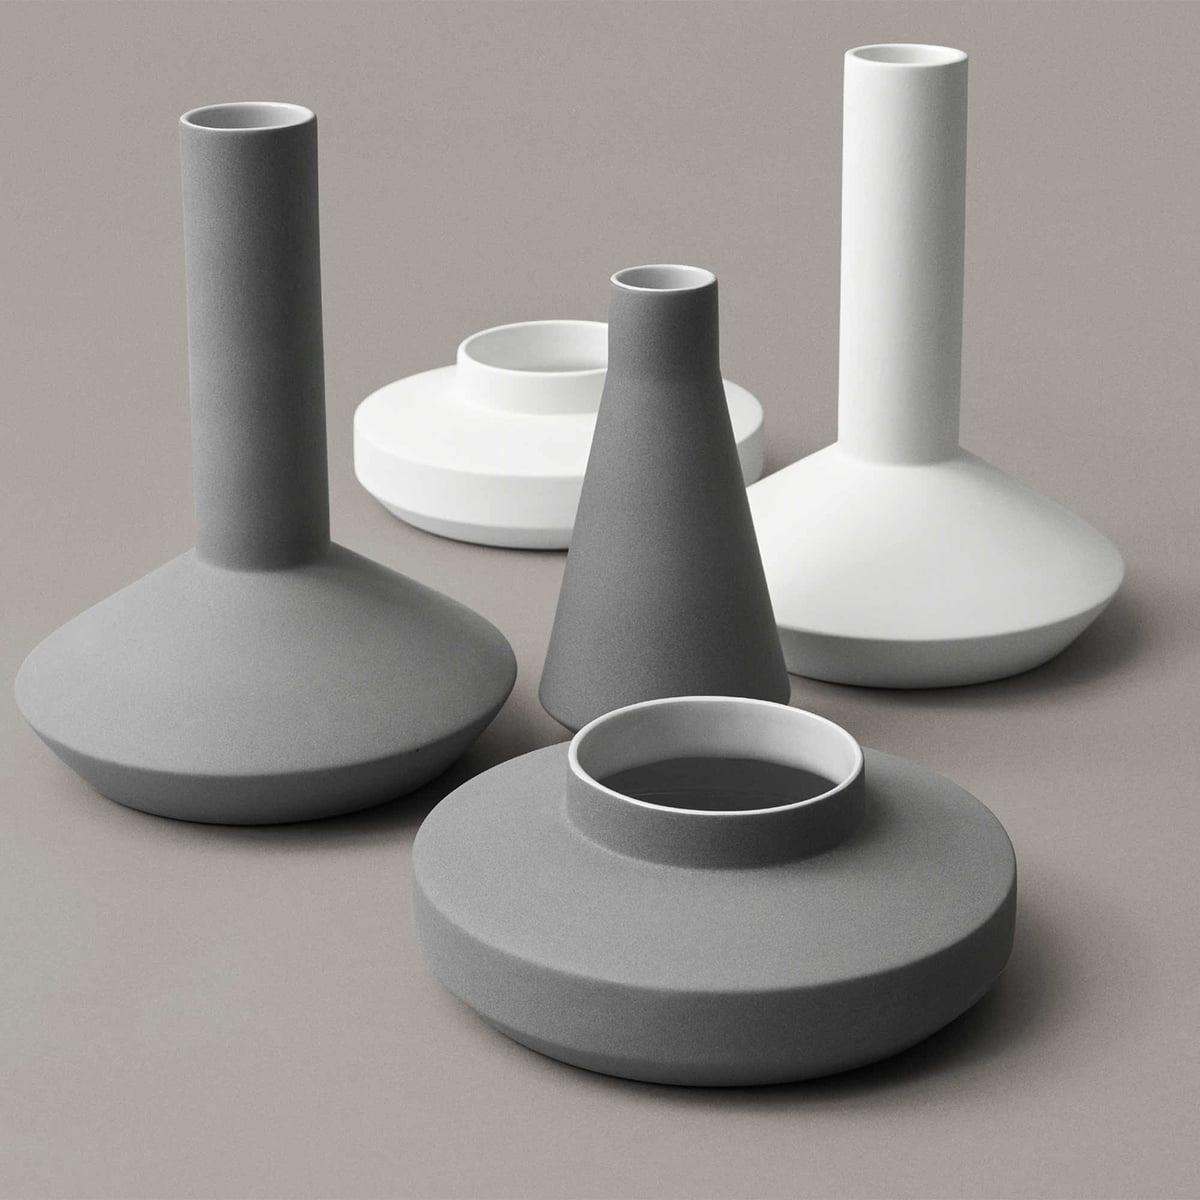 Vases1 vase by karakter in the shop online vases series by karakter reviewsmspy